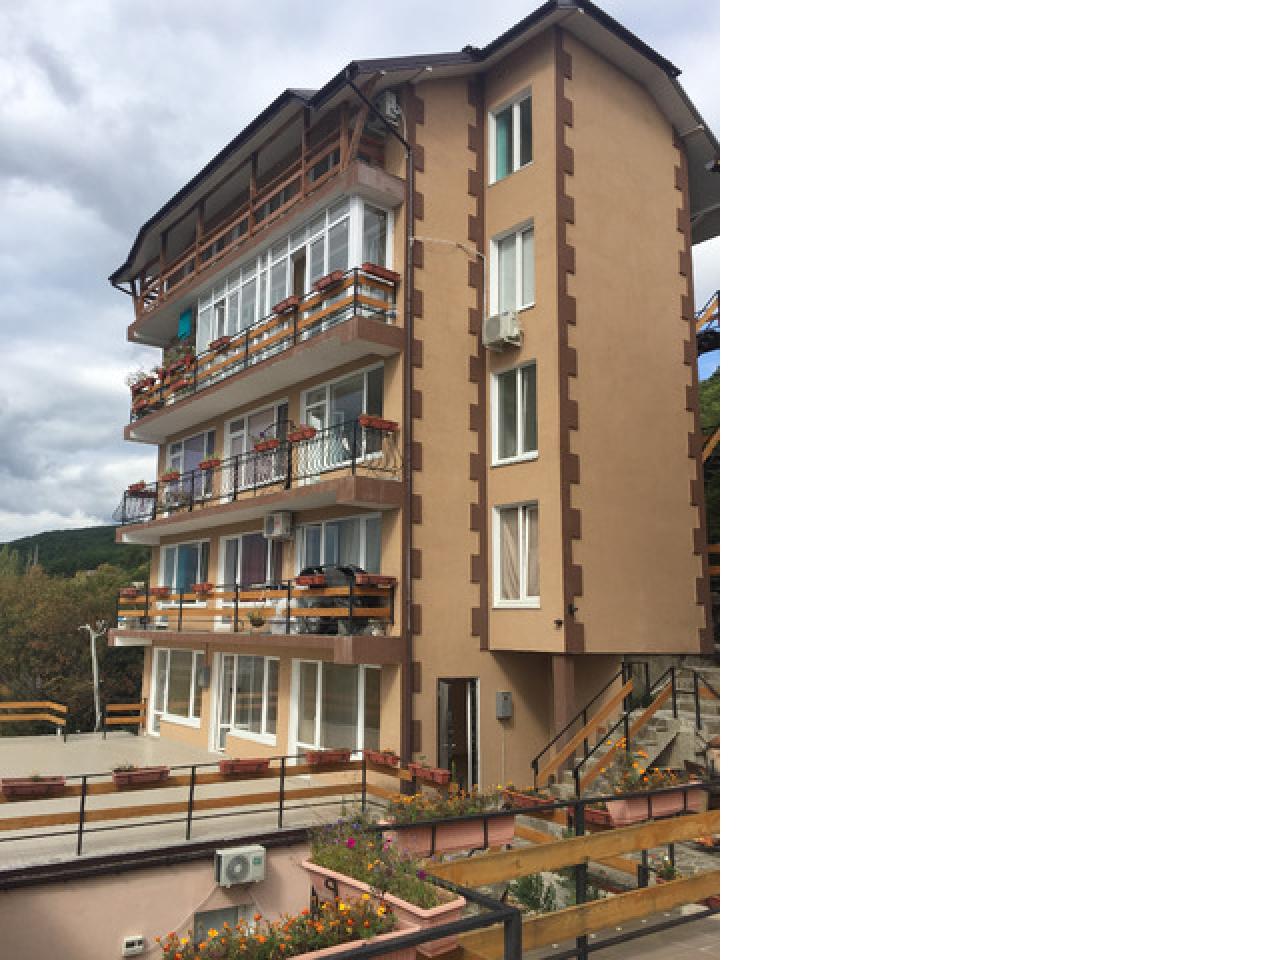 3-х комнатная квартира в Алупке, Крым, РОССИЯ  цена £87,000 Пишите, звоните! - 11